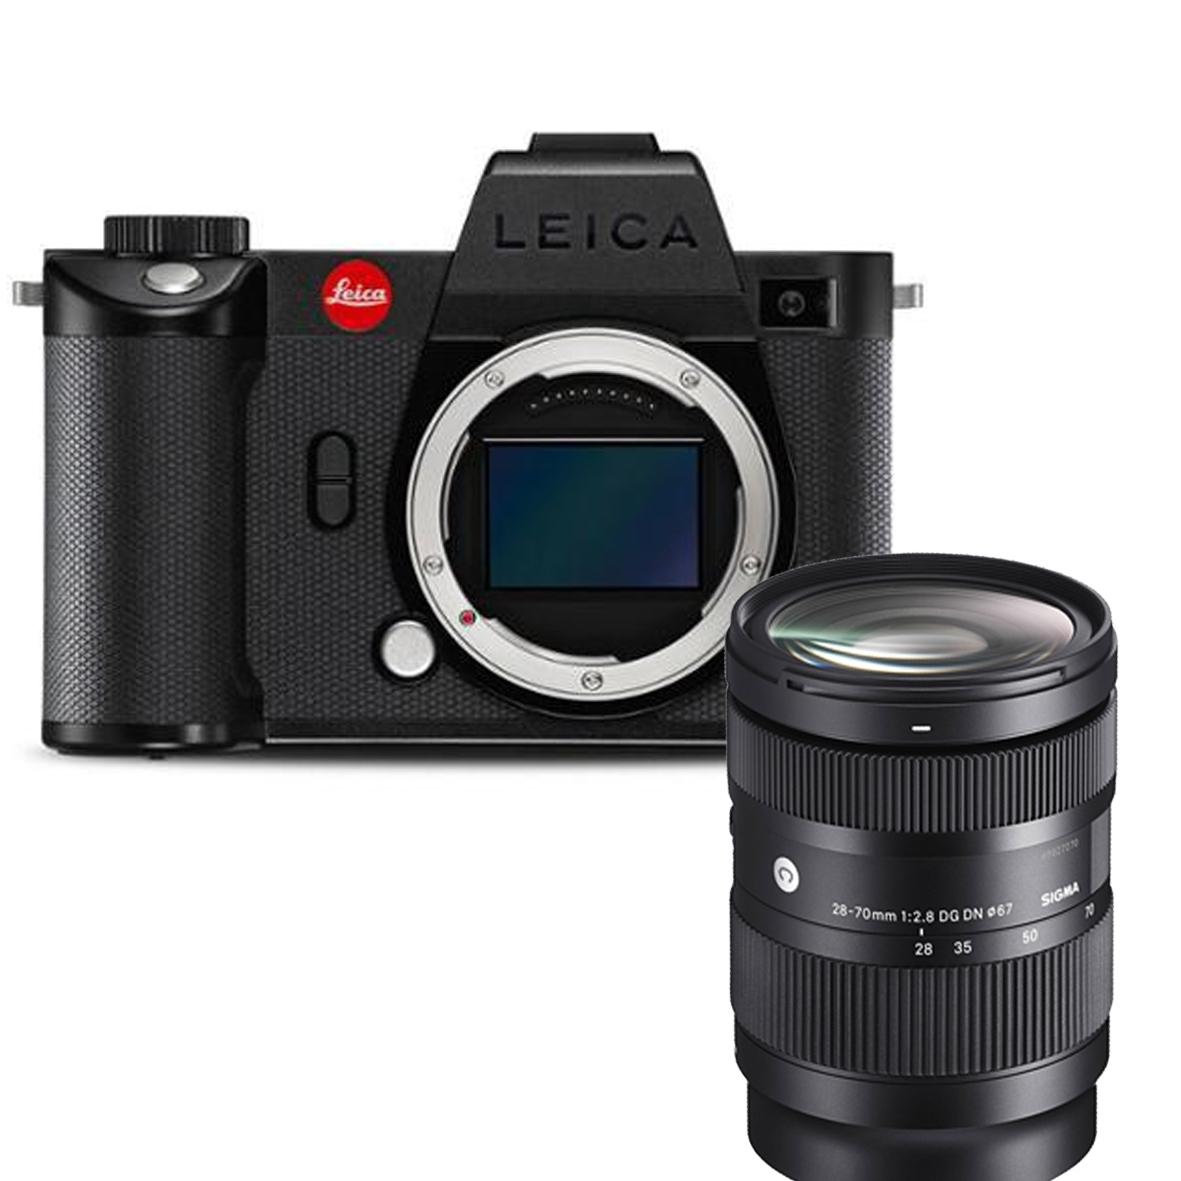 Leica SL2-S body 10880 + SIGMA 28-70mm F2.8 DG DN CON.  - SET